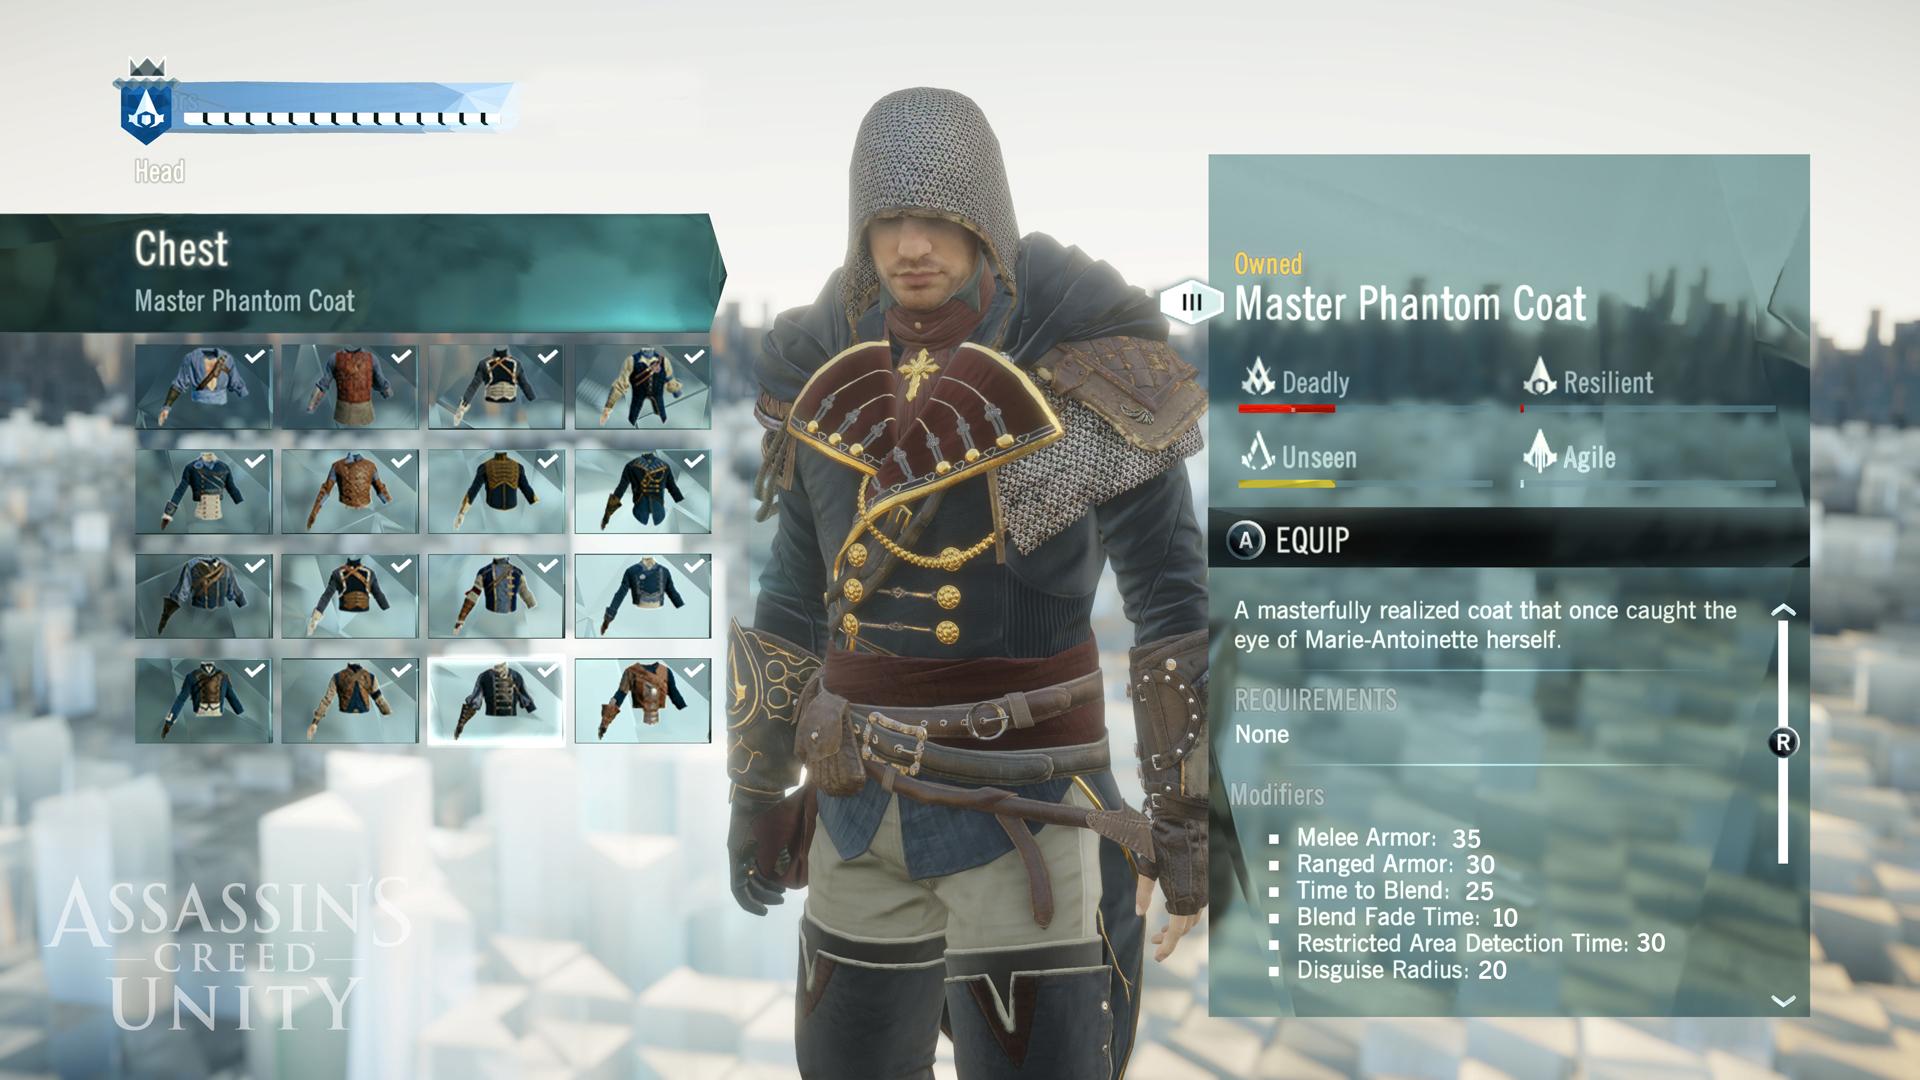 [FIXO] Assassin's Creed Unity Assassin%27s_Creed_Unity_Customization_166322